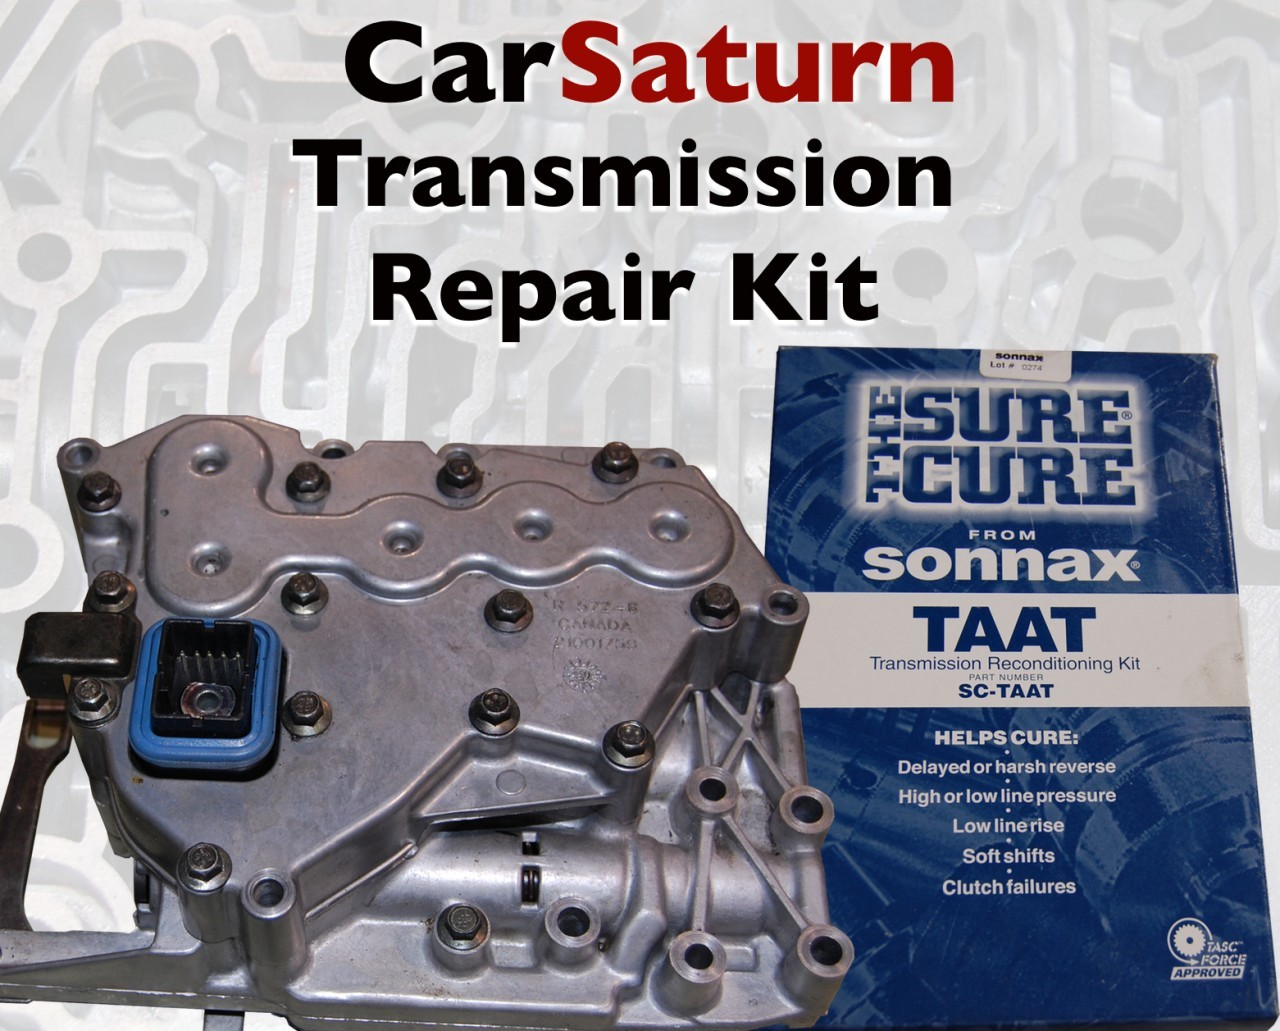 saturn transmission parts diagram vr 4516  transmission valve body diagram in addition saturn  transmission valve body diagram in